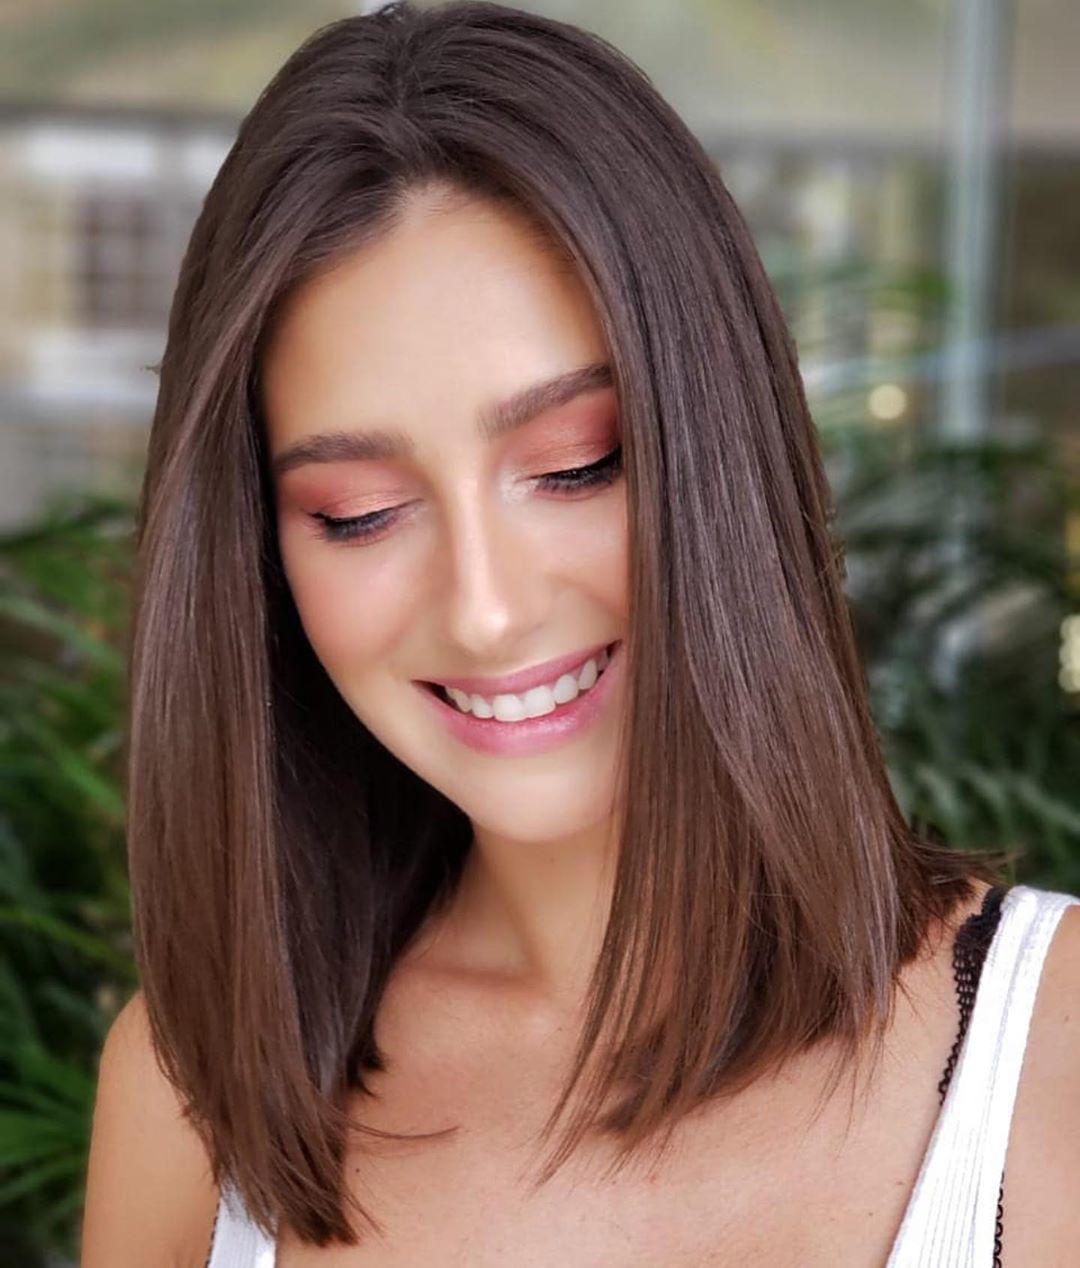 Femme avec une coupe de cheveux longs en chocolat